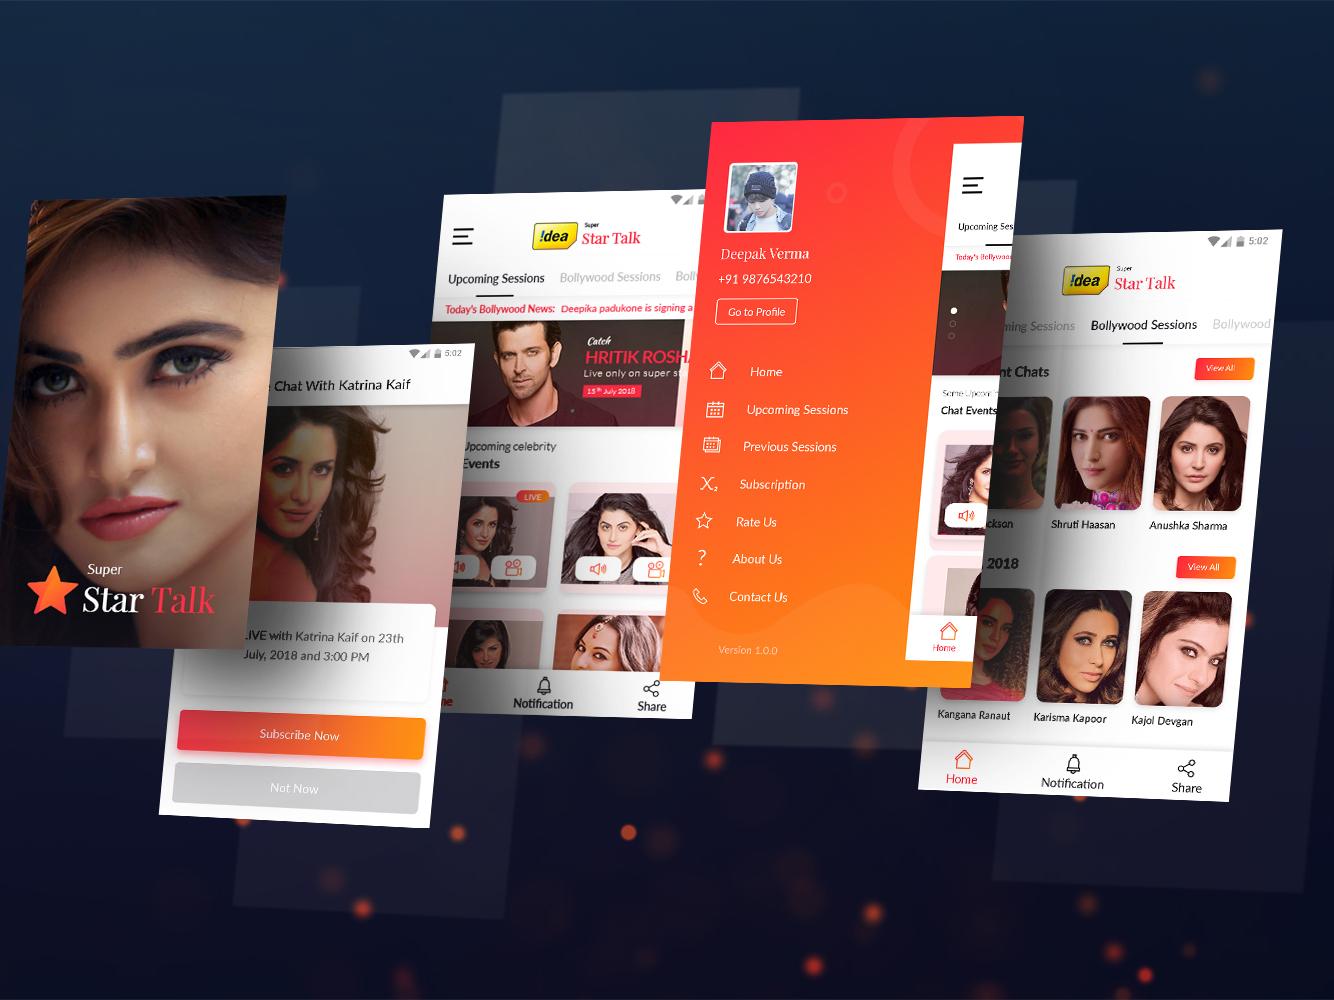 Super Star Talk App